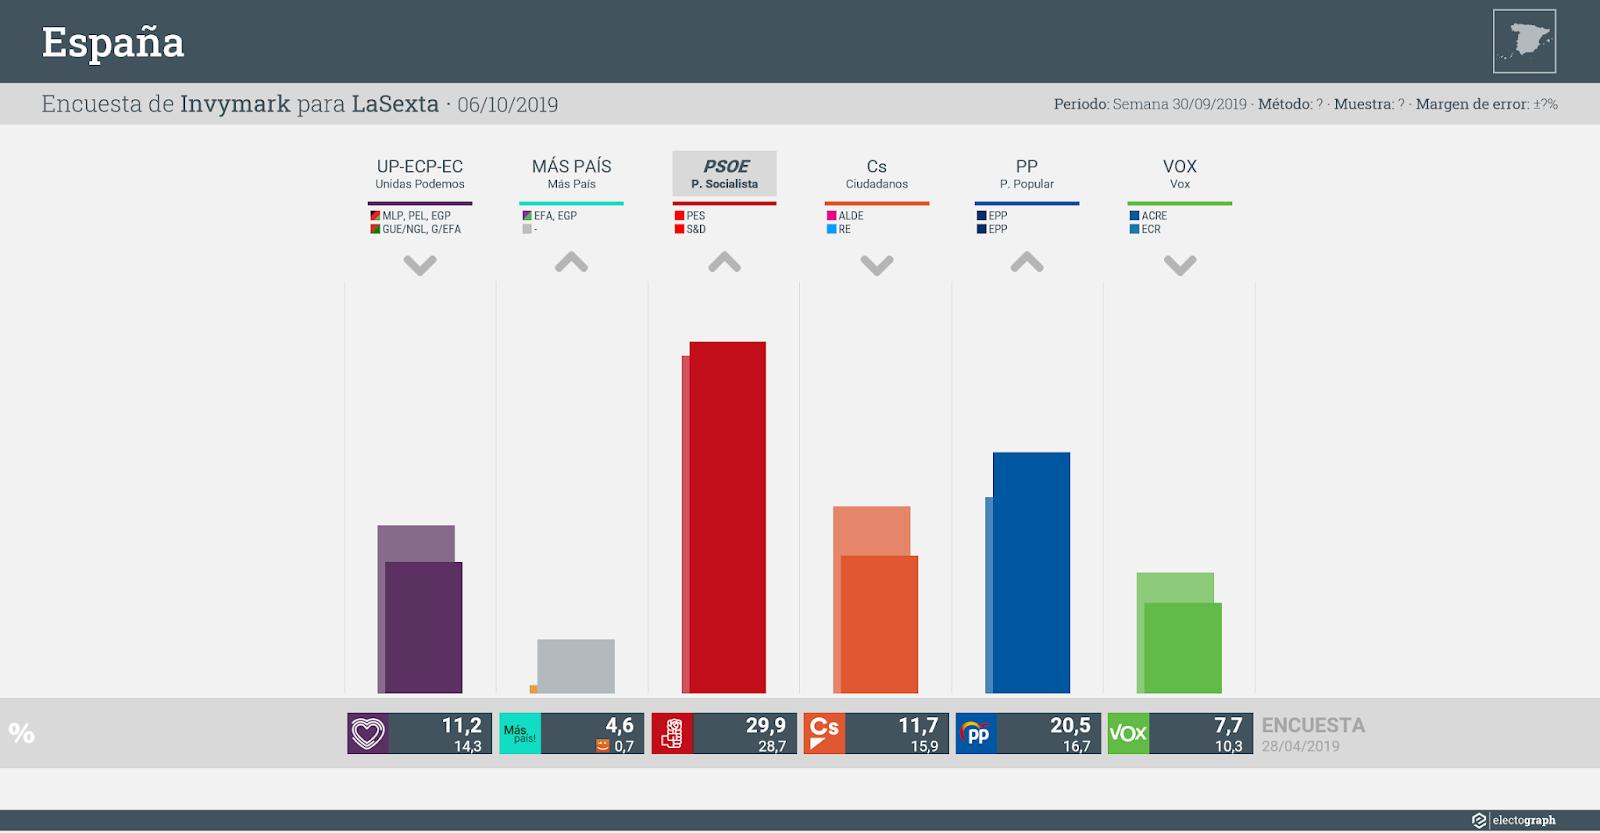 Gráfico de la encuesta para elecciones generales en España realizada por Invymark para LaSexta, 6 de octubre de 2019